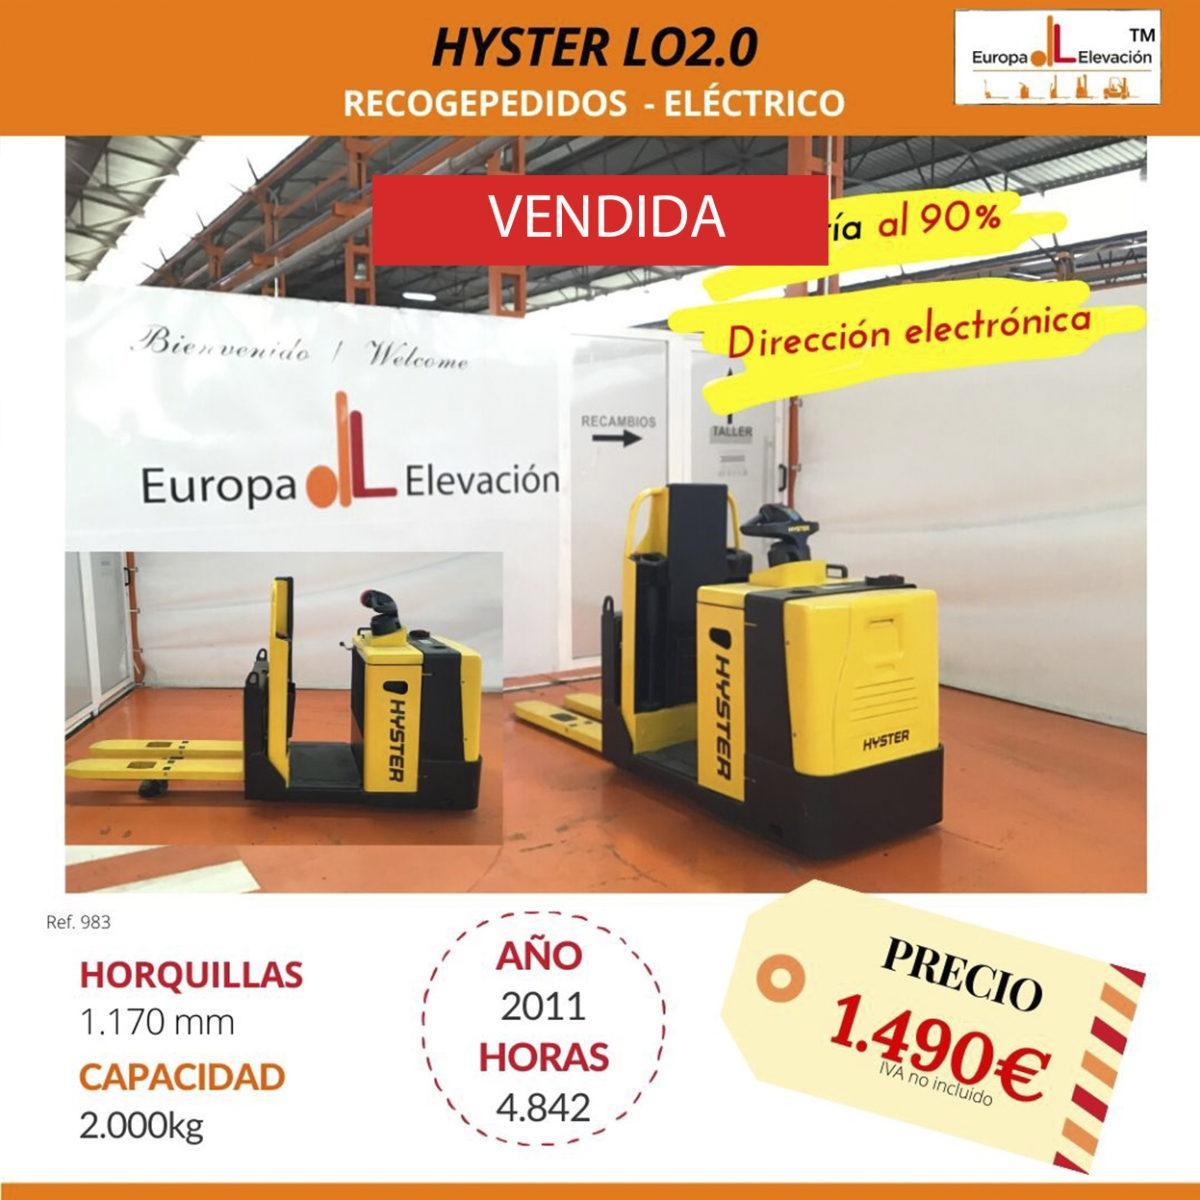 983 Hyster LO 2.0 Recogepedidos (1) VENDIDA